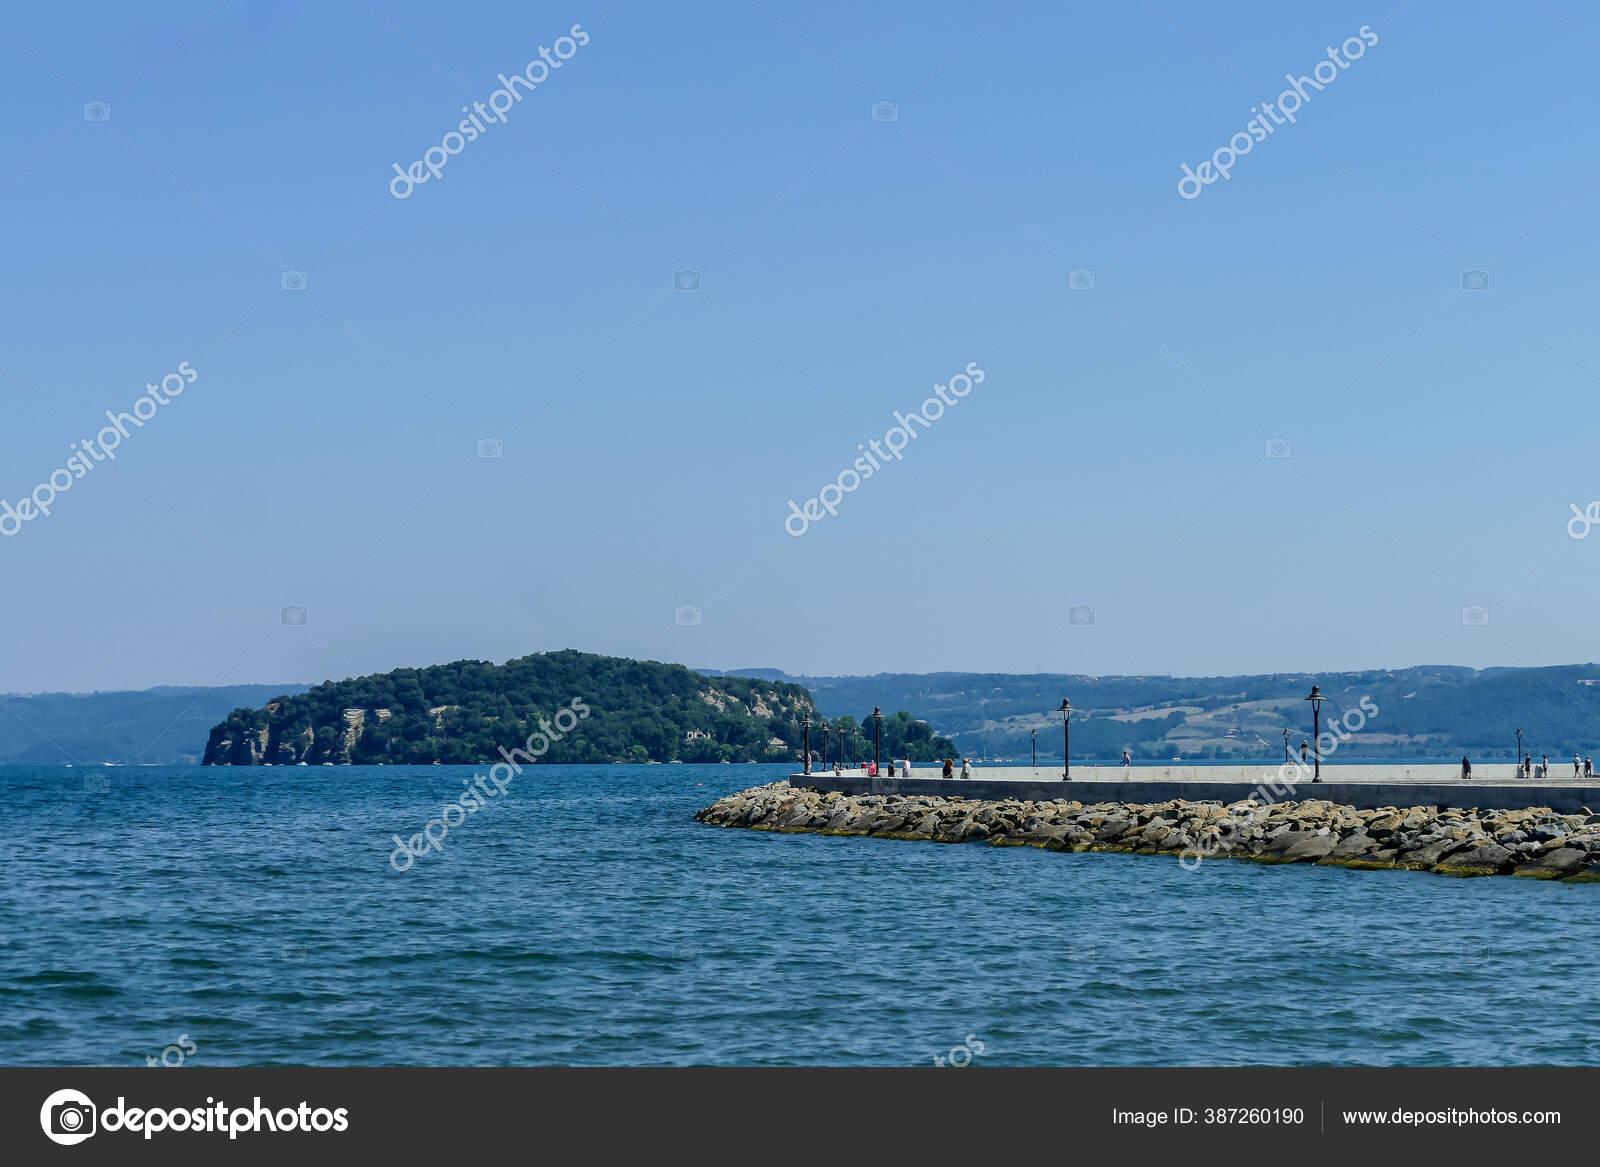 Pemandangan Sebuah Pulau Laut Foto Gambar Digital Yang Indah Stok Foto C Underworld1 387260190